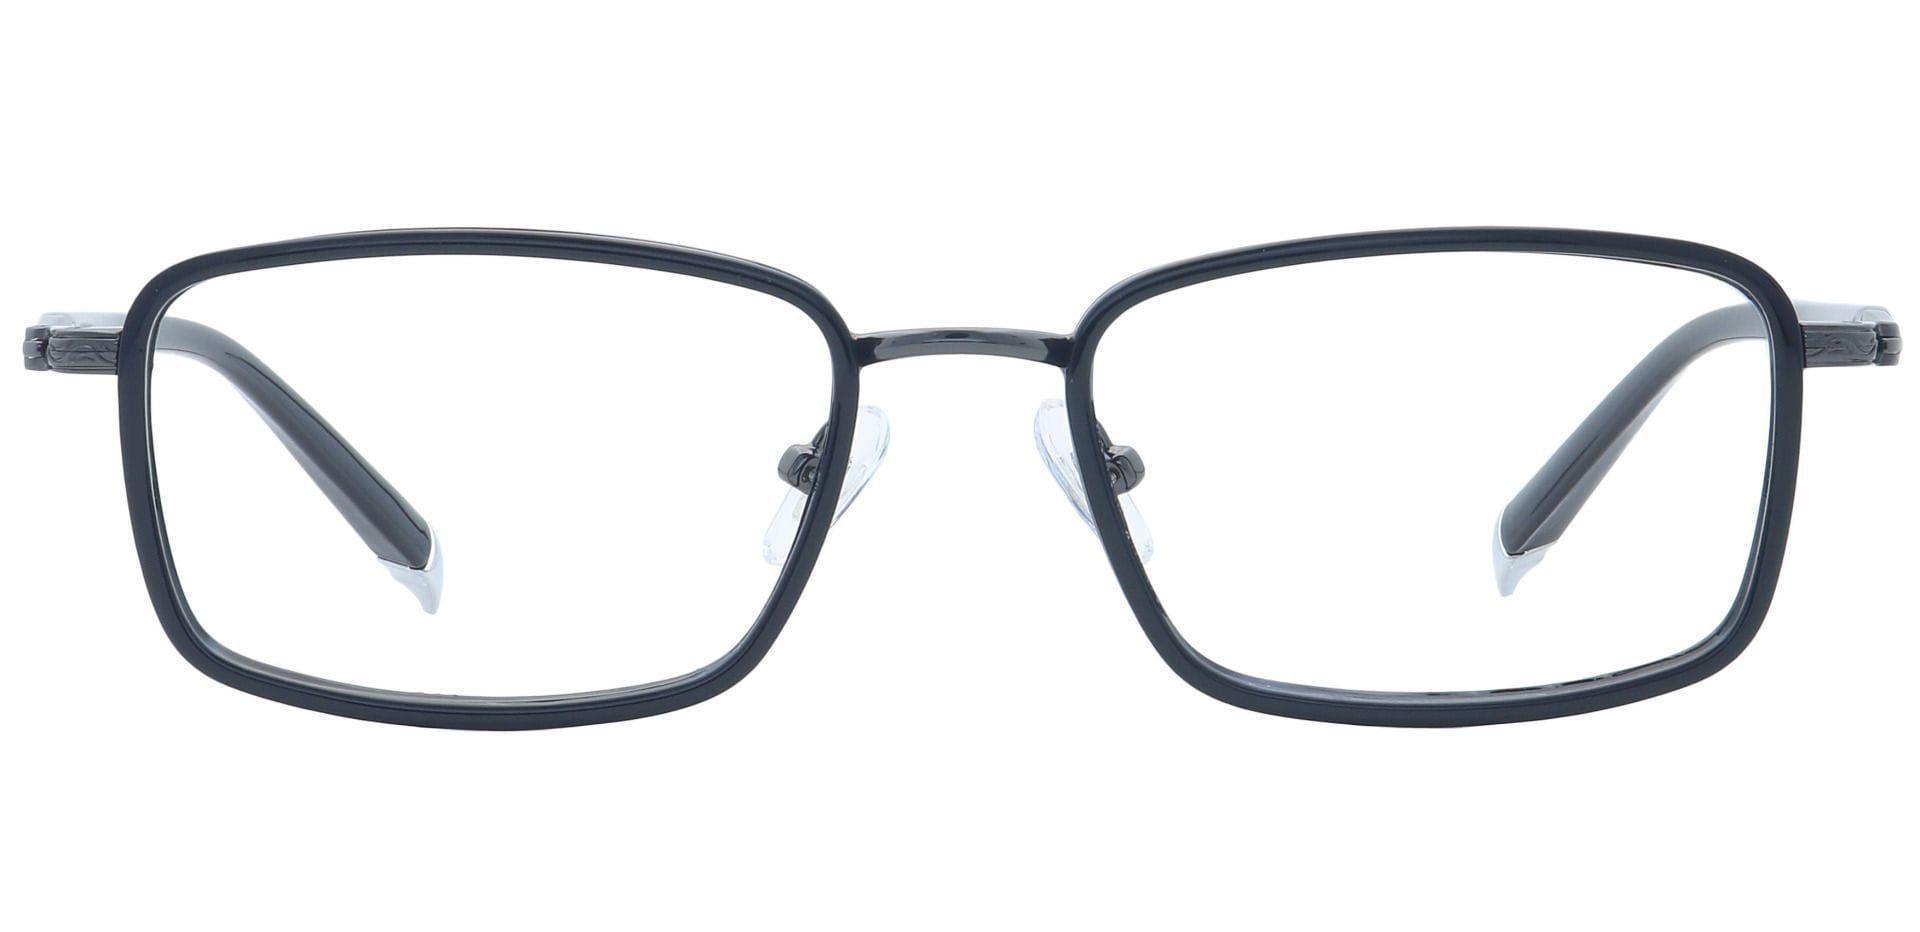 Paisley Square Progressive Glasses - Black